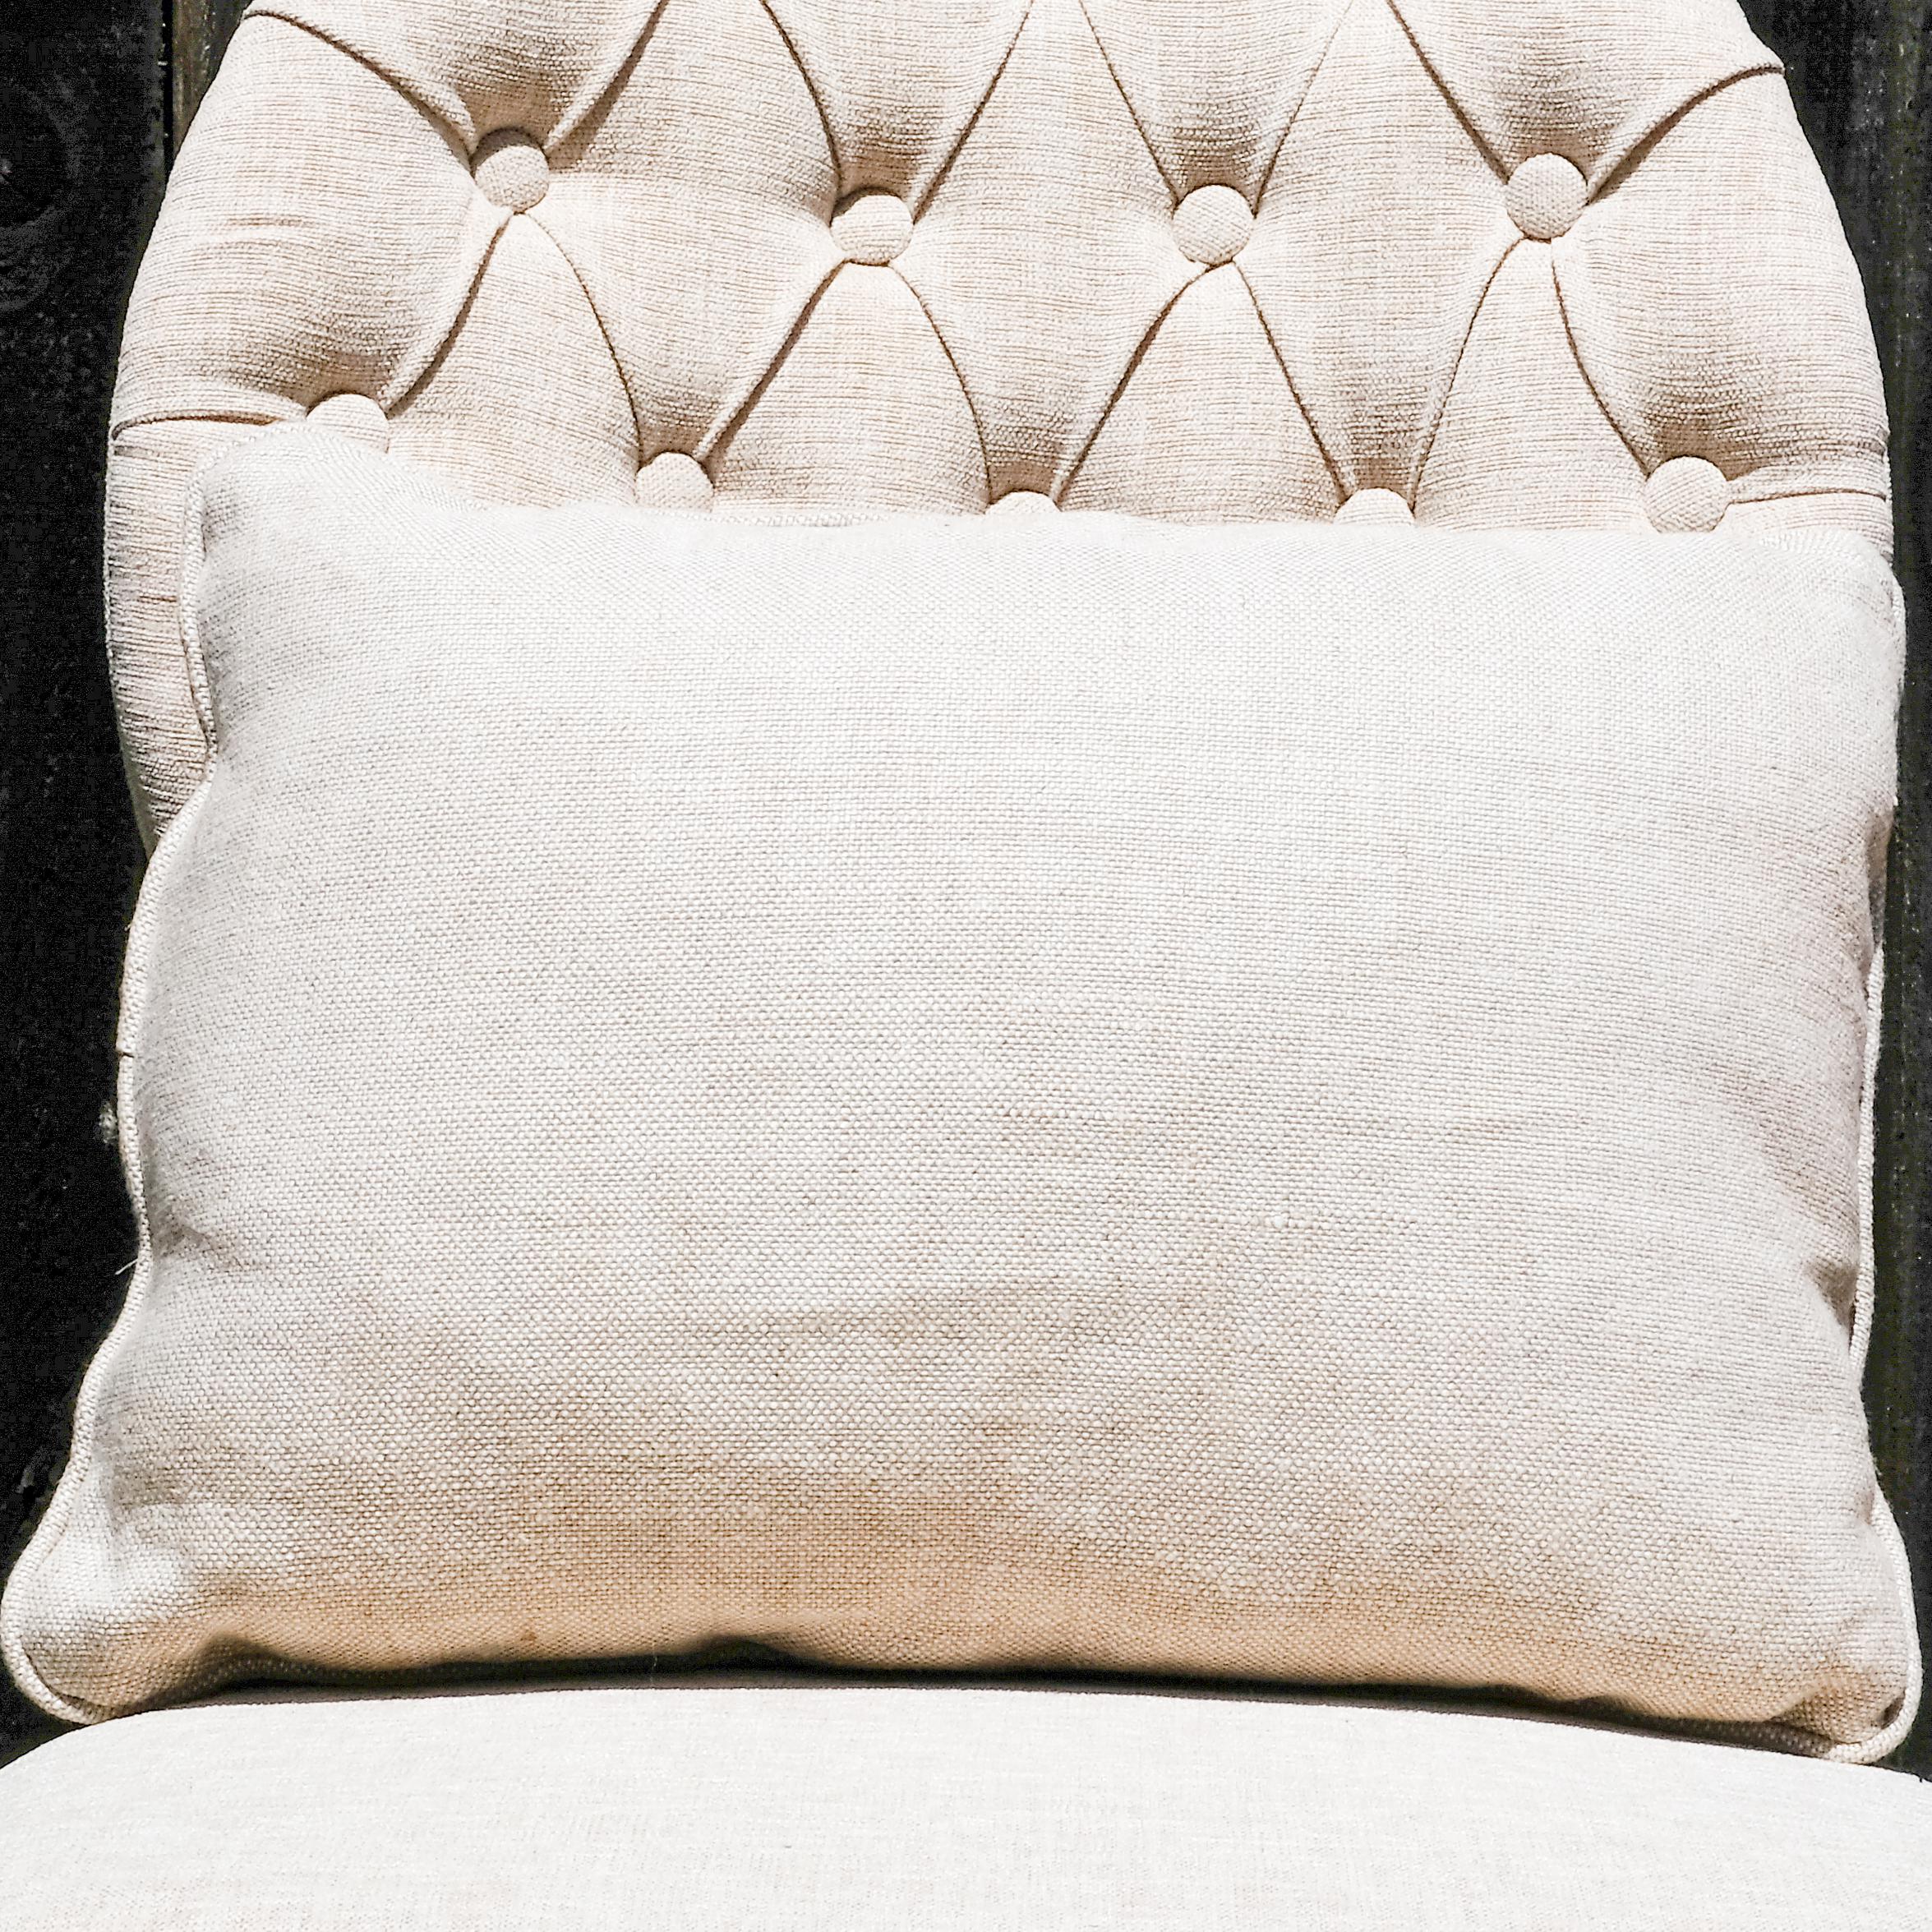 pillows-5.jpg